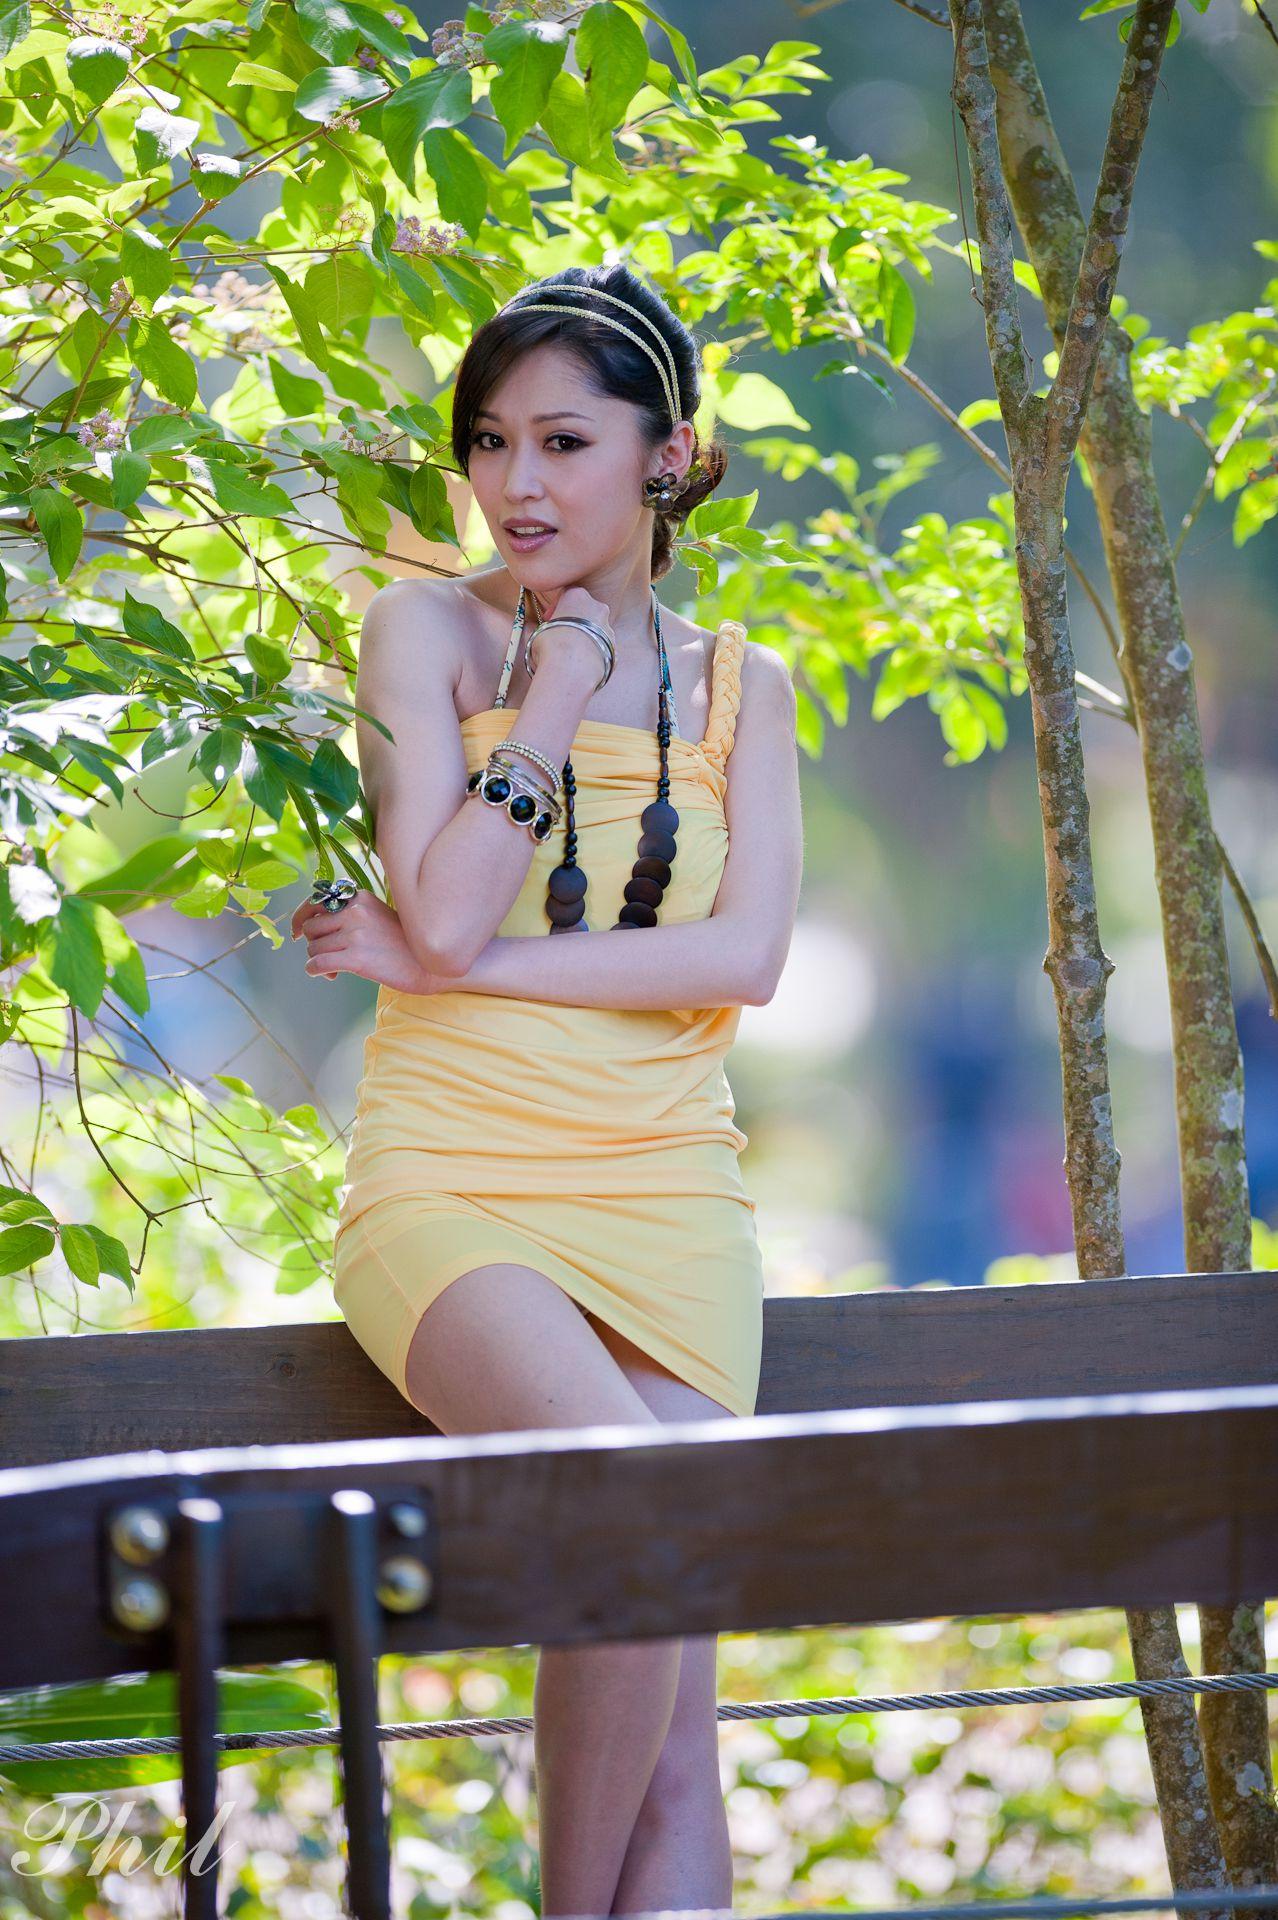 VOL.1153 [网络美女]外拍包臀裙美女街拍短裙:杜可薇(腿模Avy,恬小鱼)高品质写真套图(46P)